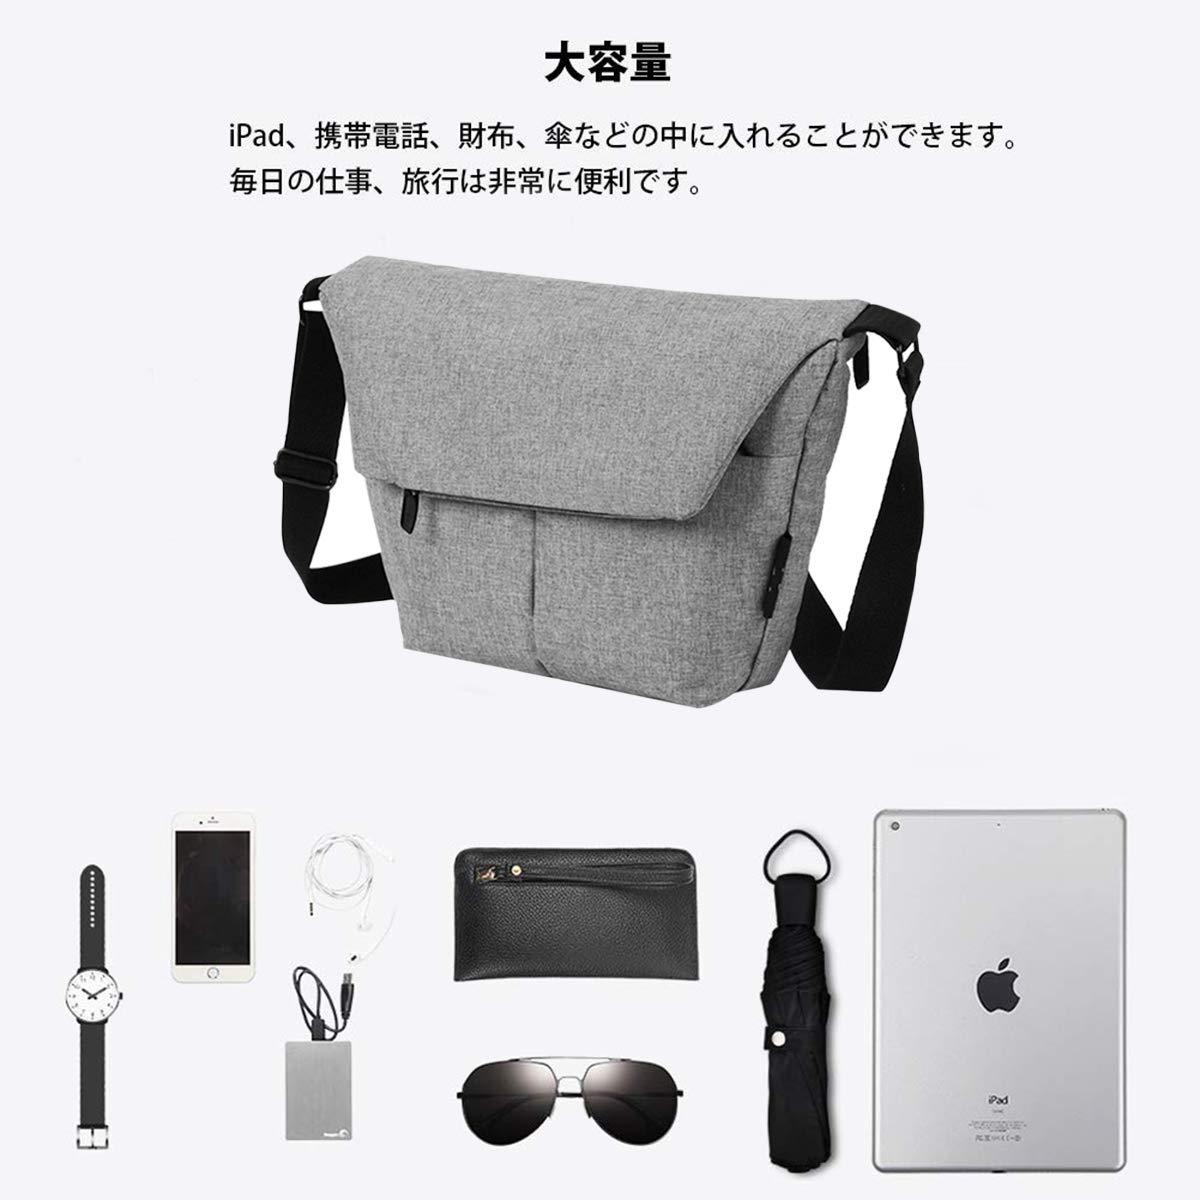 メンズ 防水 口折れバッグ ビジカジ メッセンジャーバッグ(silver grey)